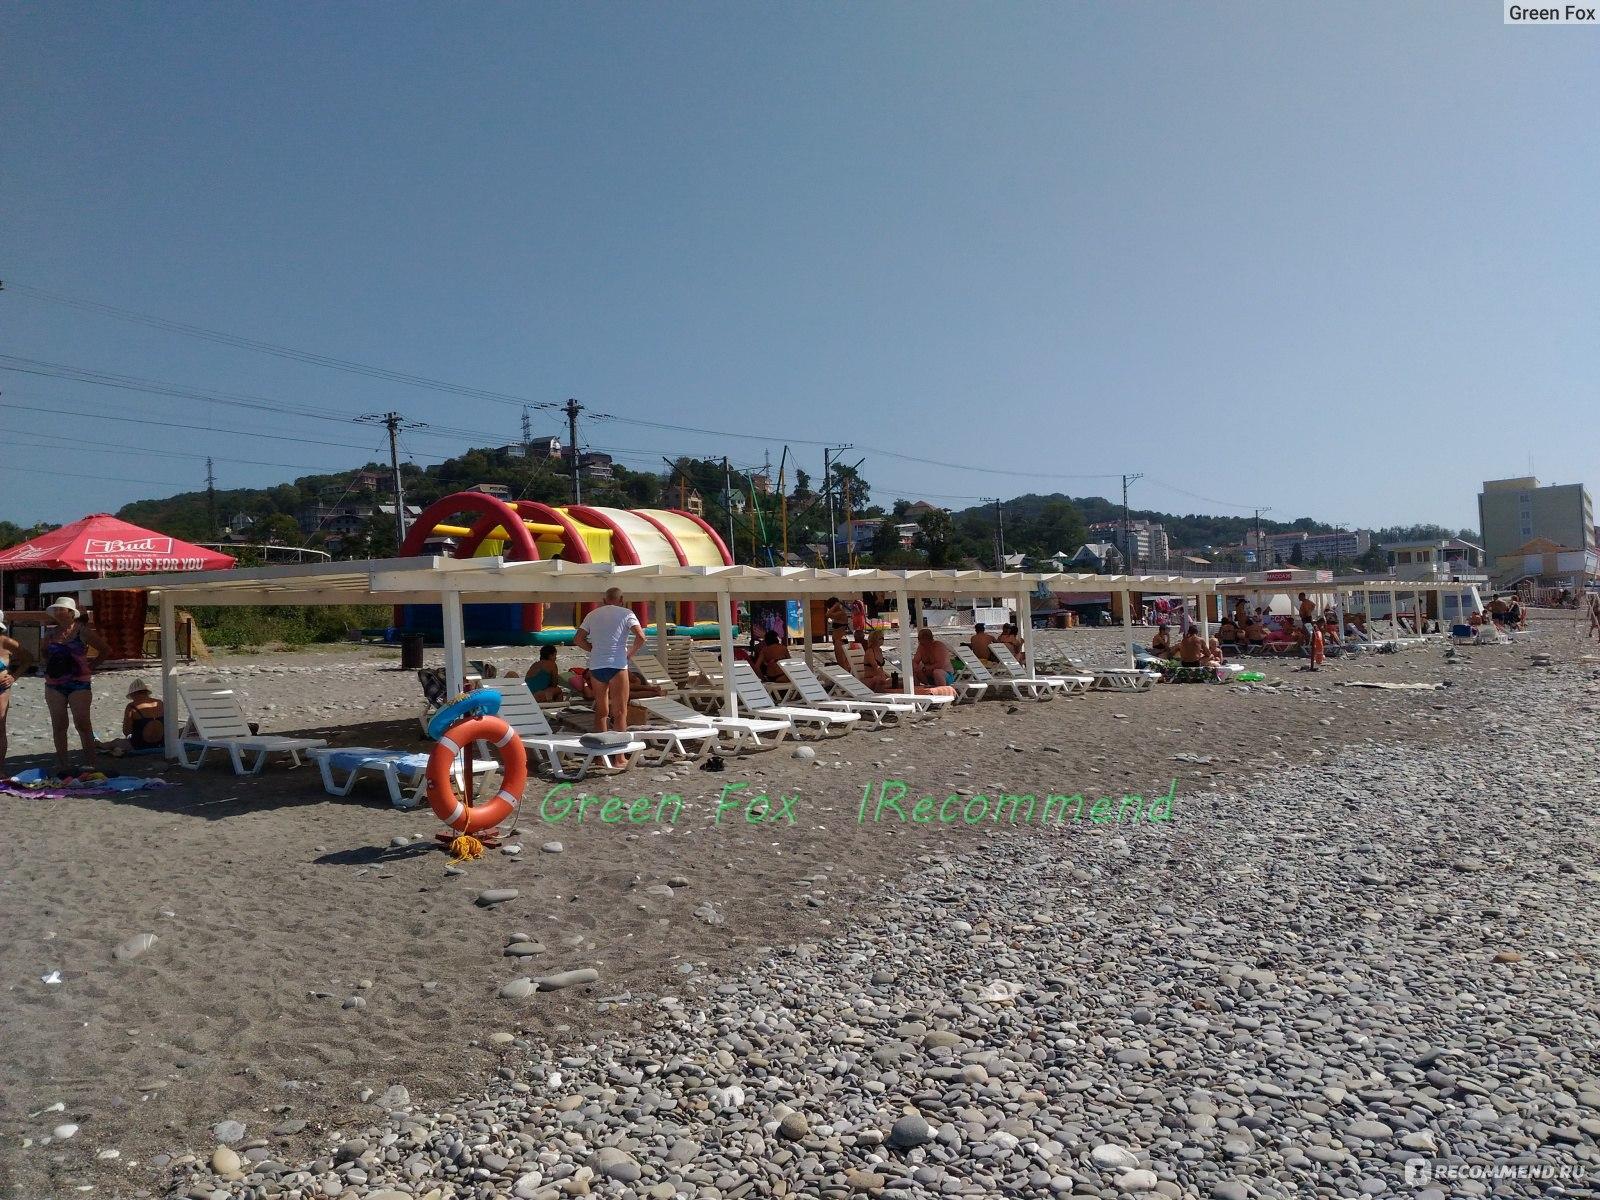 Пляж горный воздух фото 2018